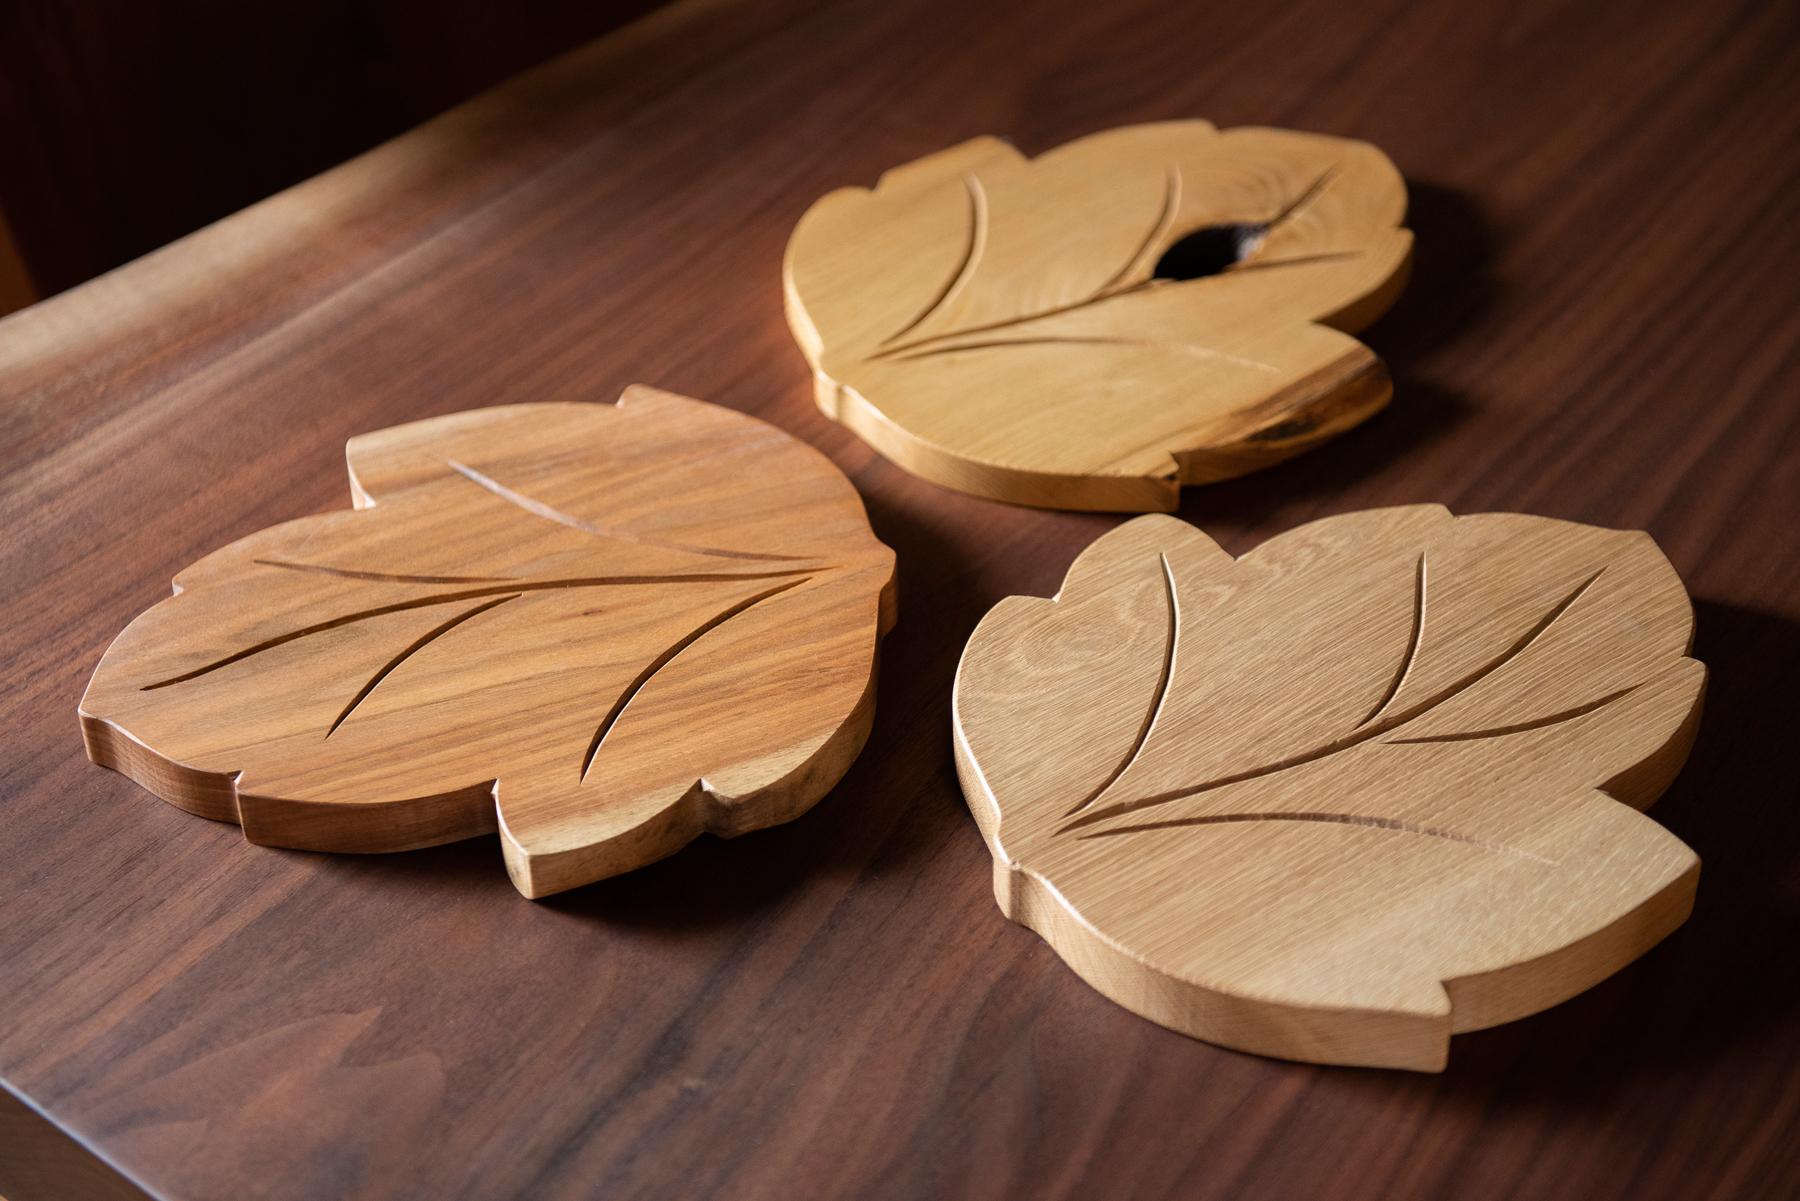 手作り家具の金鱗 / なべし木の葉っぱ 各樹種